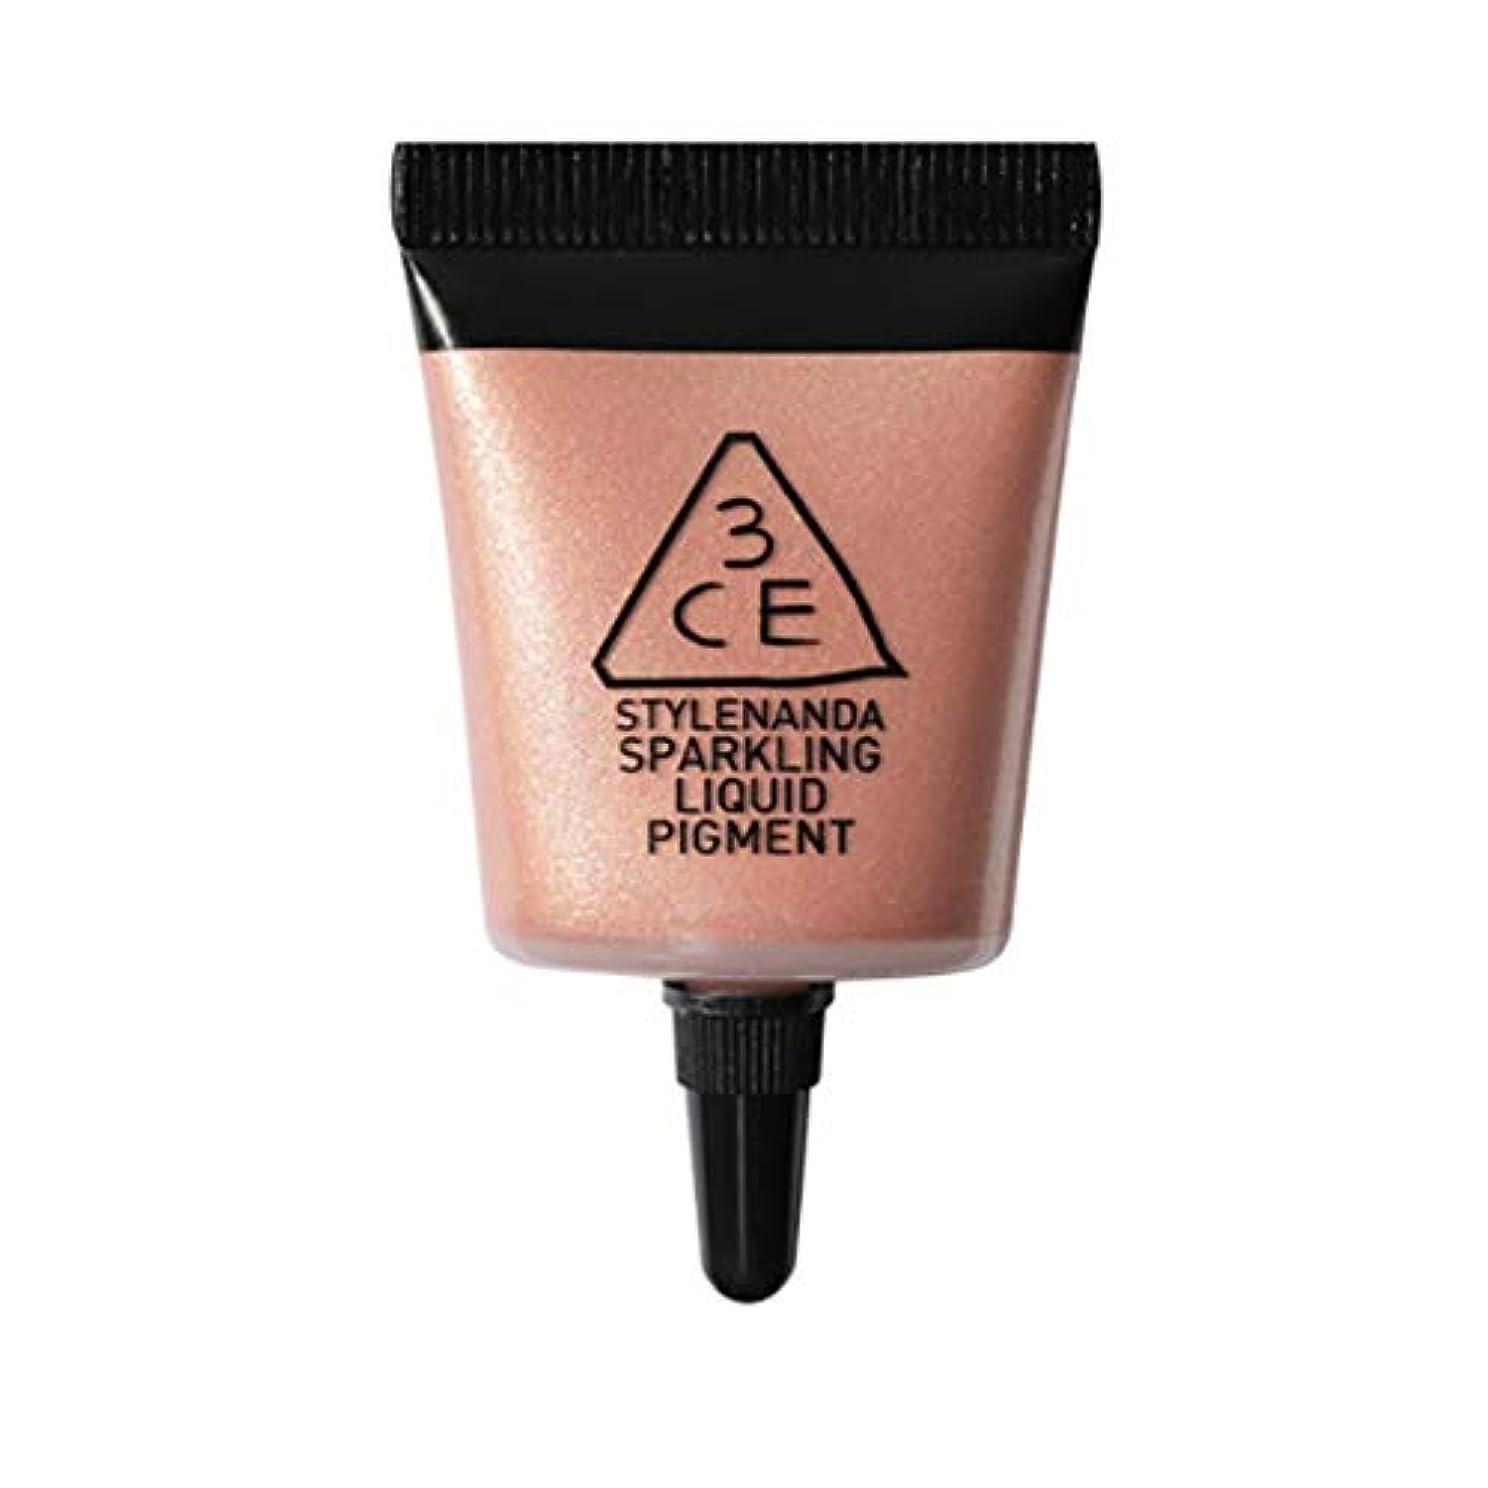 寄生虫歌マザーランド[3CE] スパークリング リキッド ピグメント #(Pink Haze) アイシャドー Sparkling Liquid Pigment - Glow Liquid Glitter Eyeshadow Korean Cosmetics...